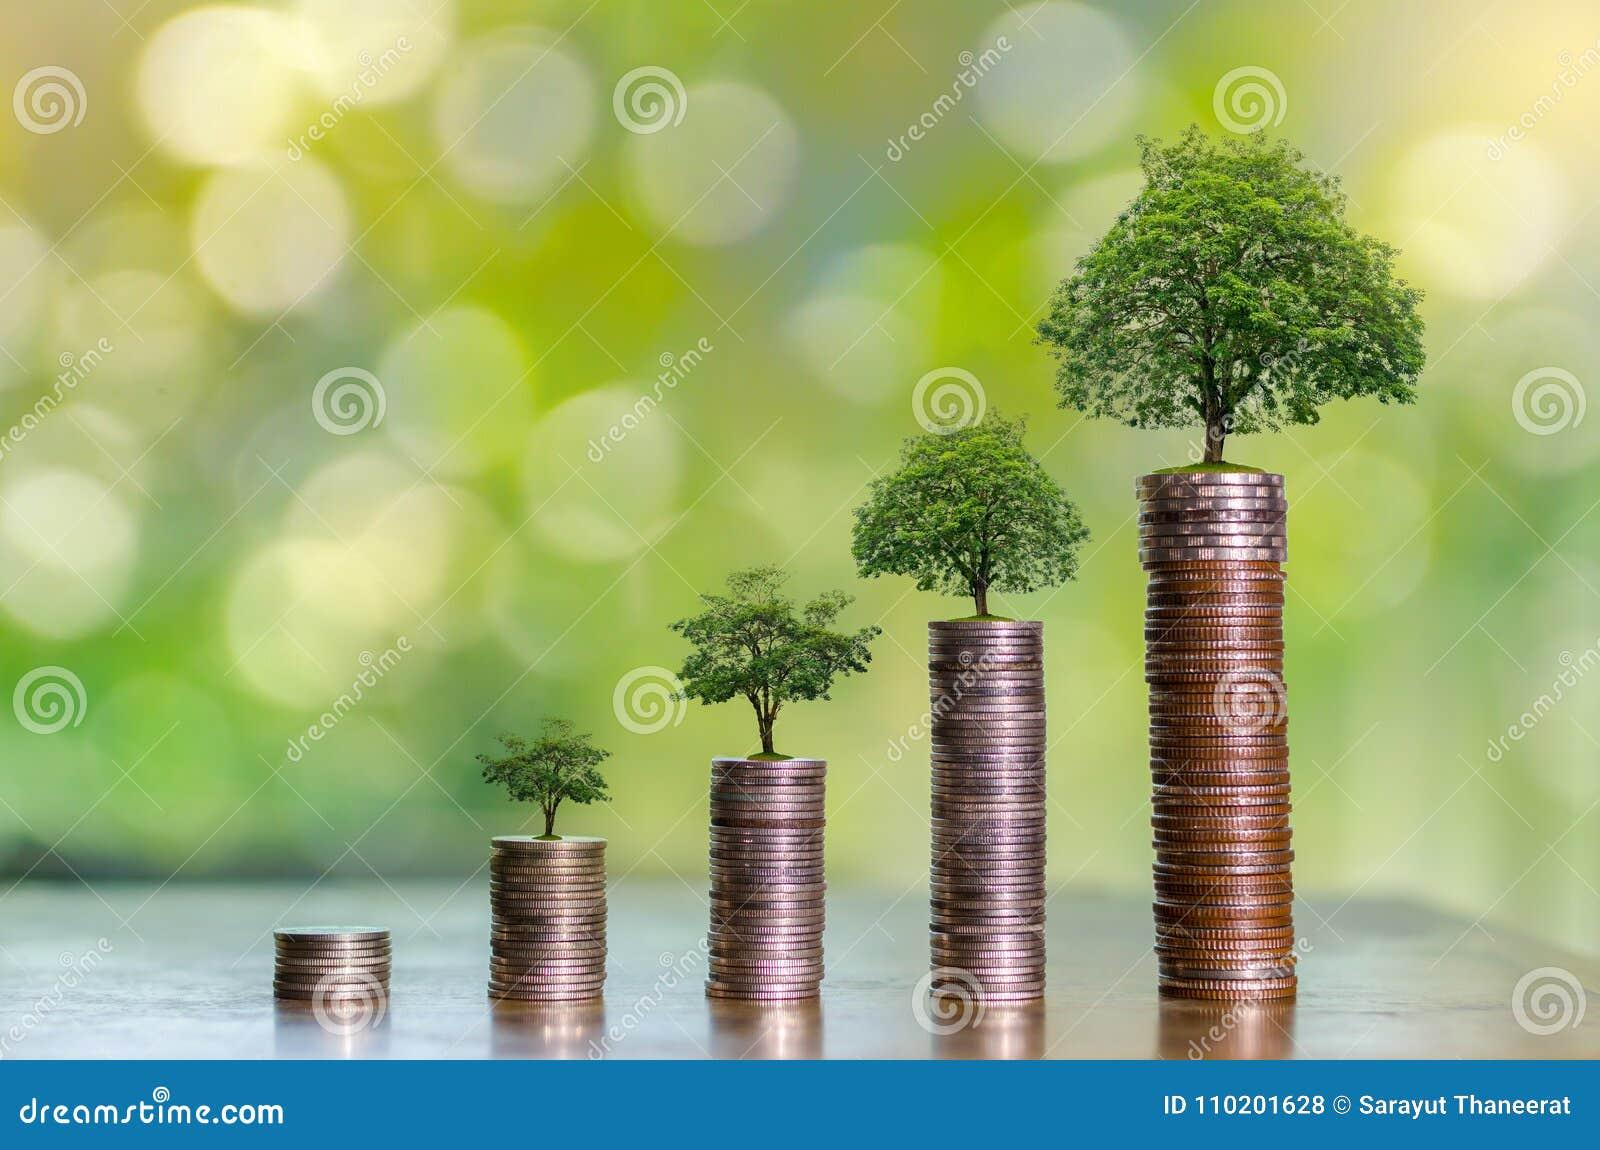 Dinheiro da economia do crescimento de dinheiro A árvore superior inventa o conceito mostrado do negócio crescente